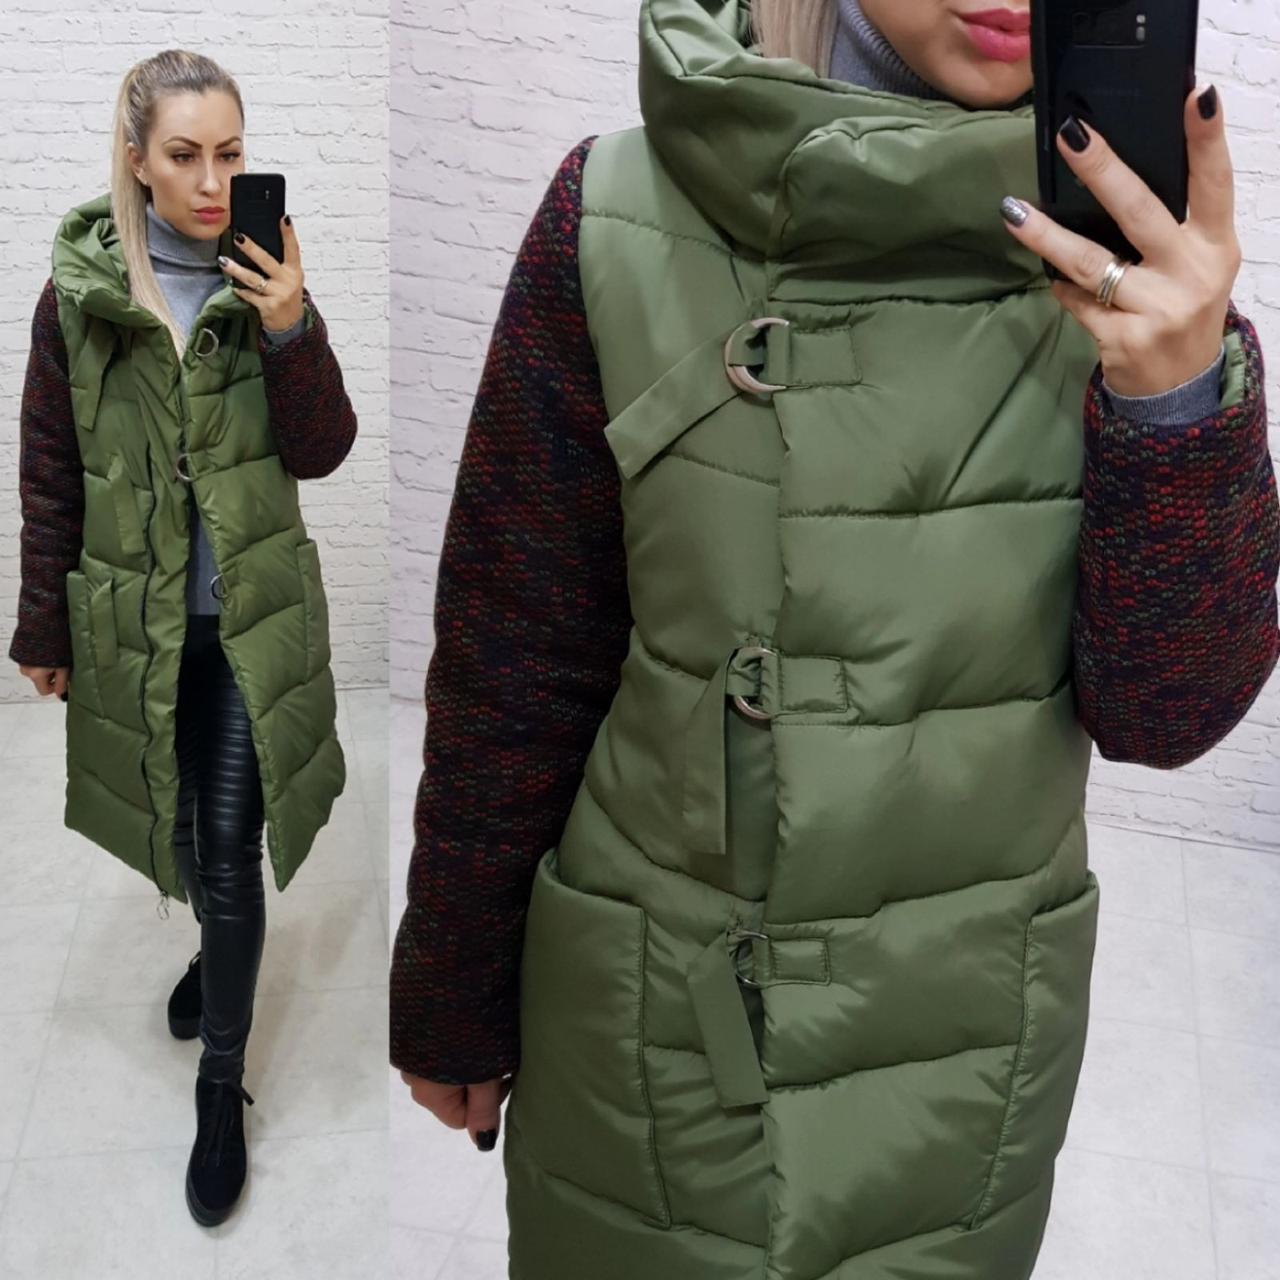 Новинка! Стильное тёплое пальто пуховик на змейке и утеплённым рукавом, арт 181, цвет хаки